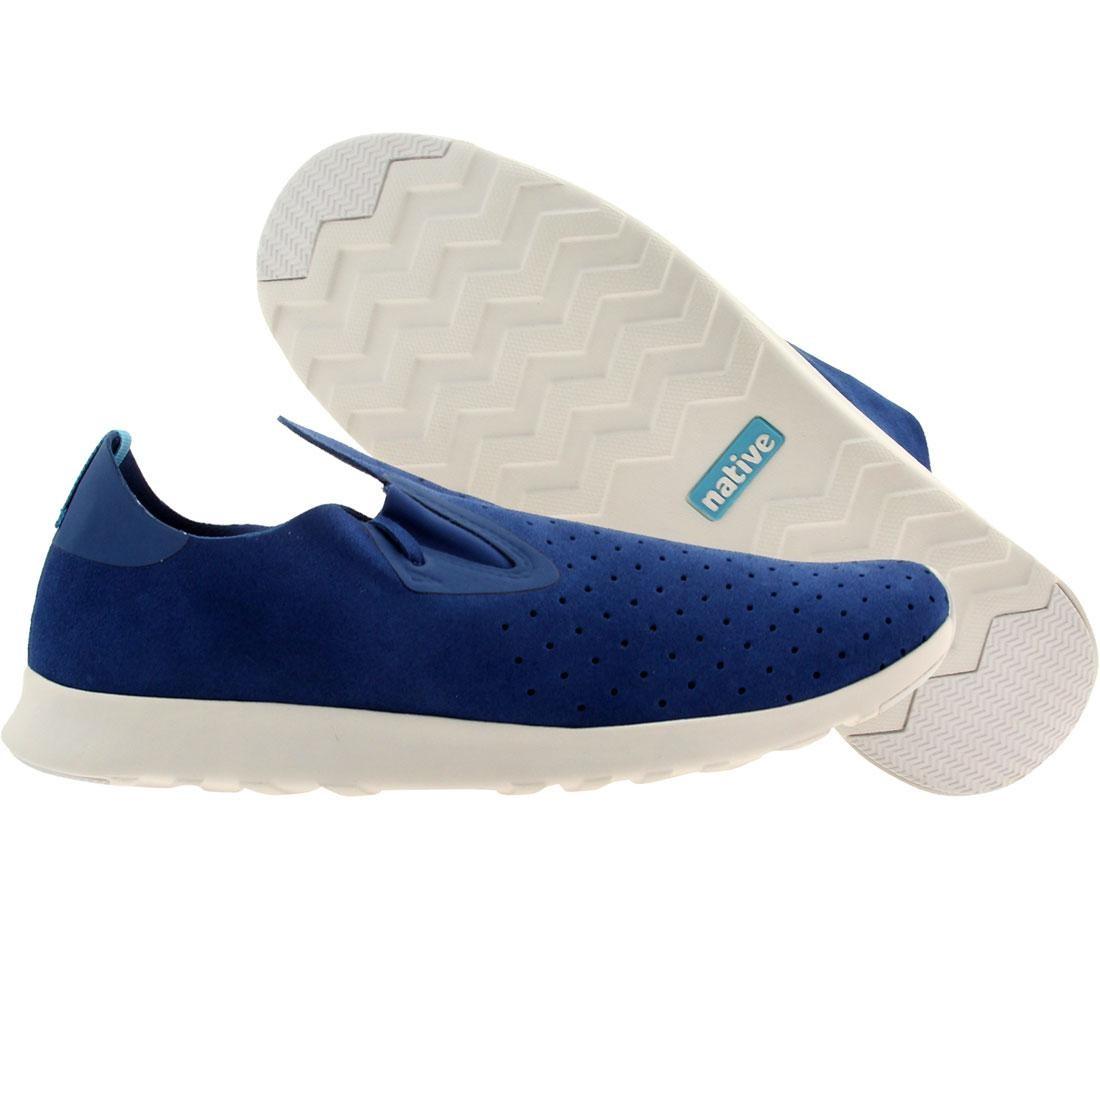 【海外限定】ネイティブ 青 ブルー シェル 白 ホワイト スニーカー メンズ靴 【 BLUE SHELL WHITE NATIVE MEN APOLLO MOC VICTORIA RUBBER 】